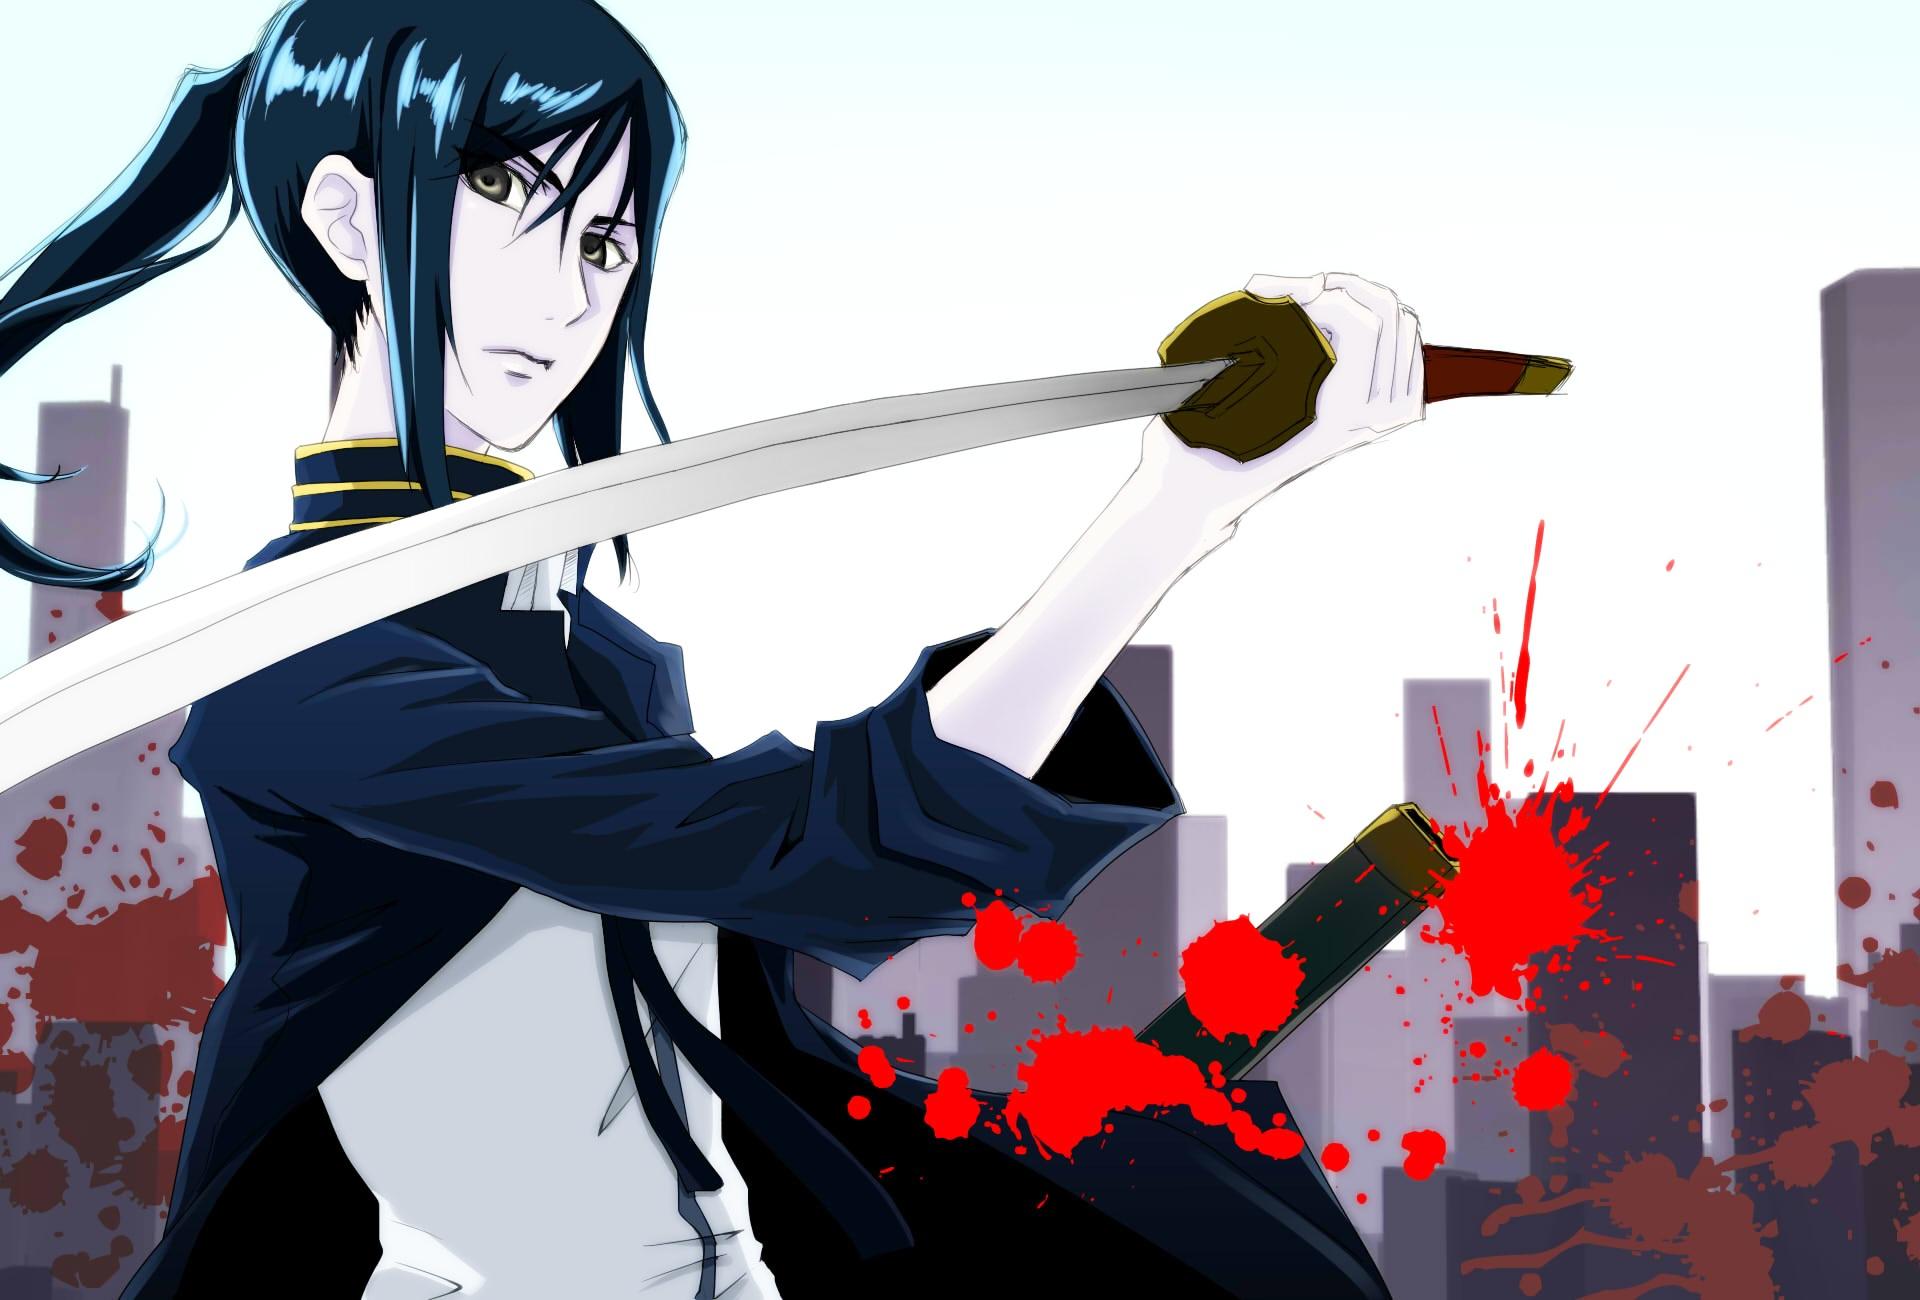 project wallpaper hd download anime k project yashiro isana kuroh 1920x1300